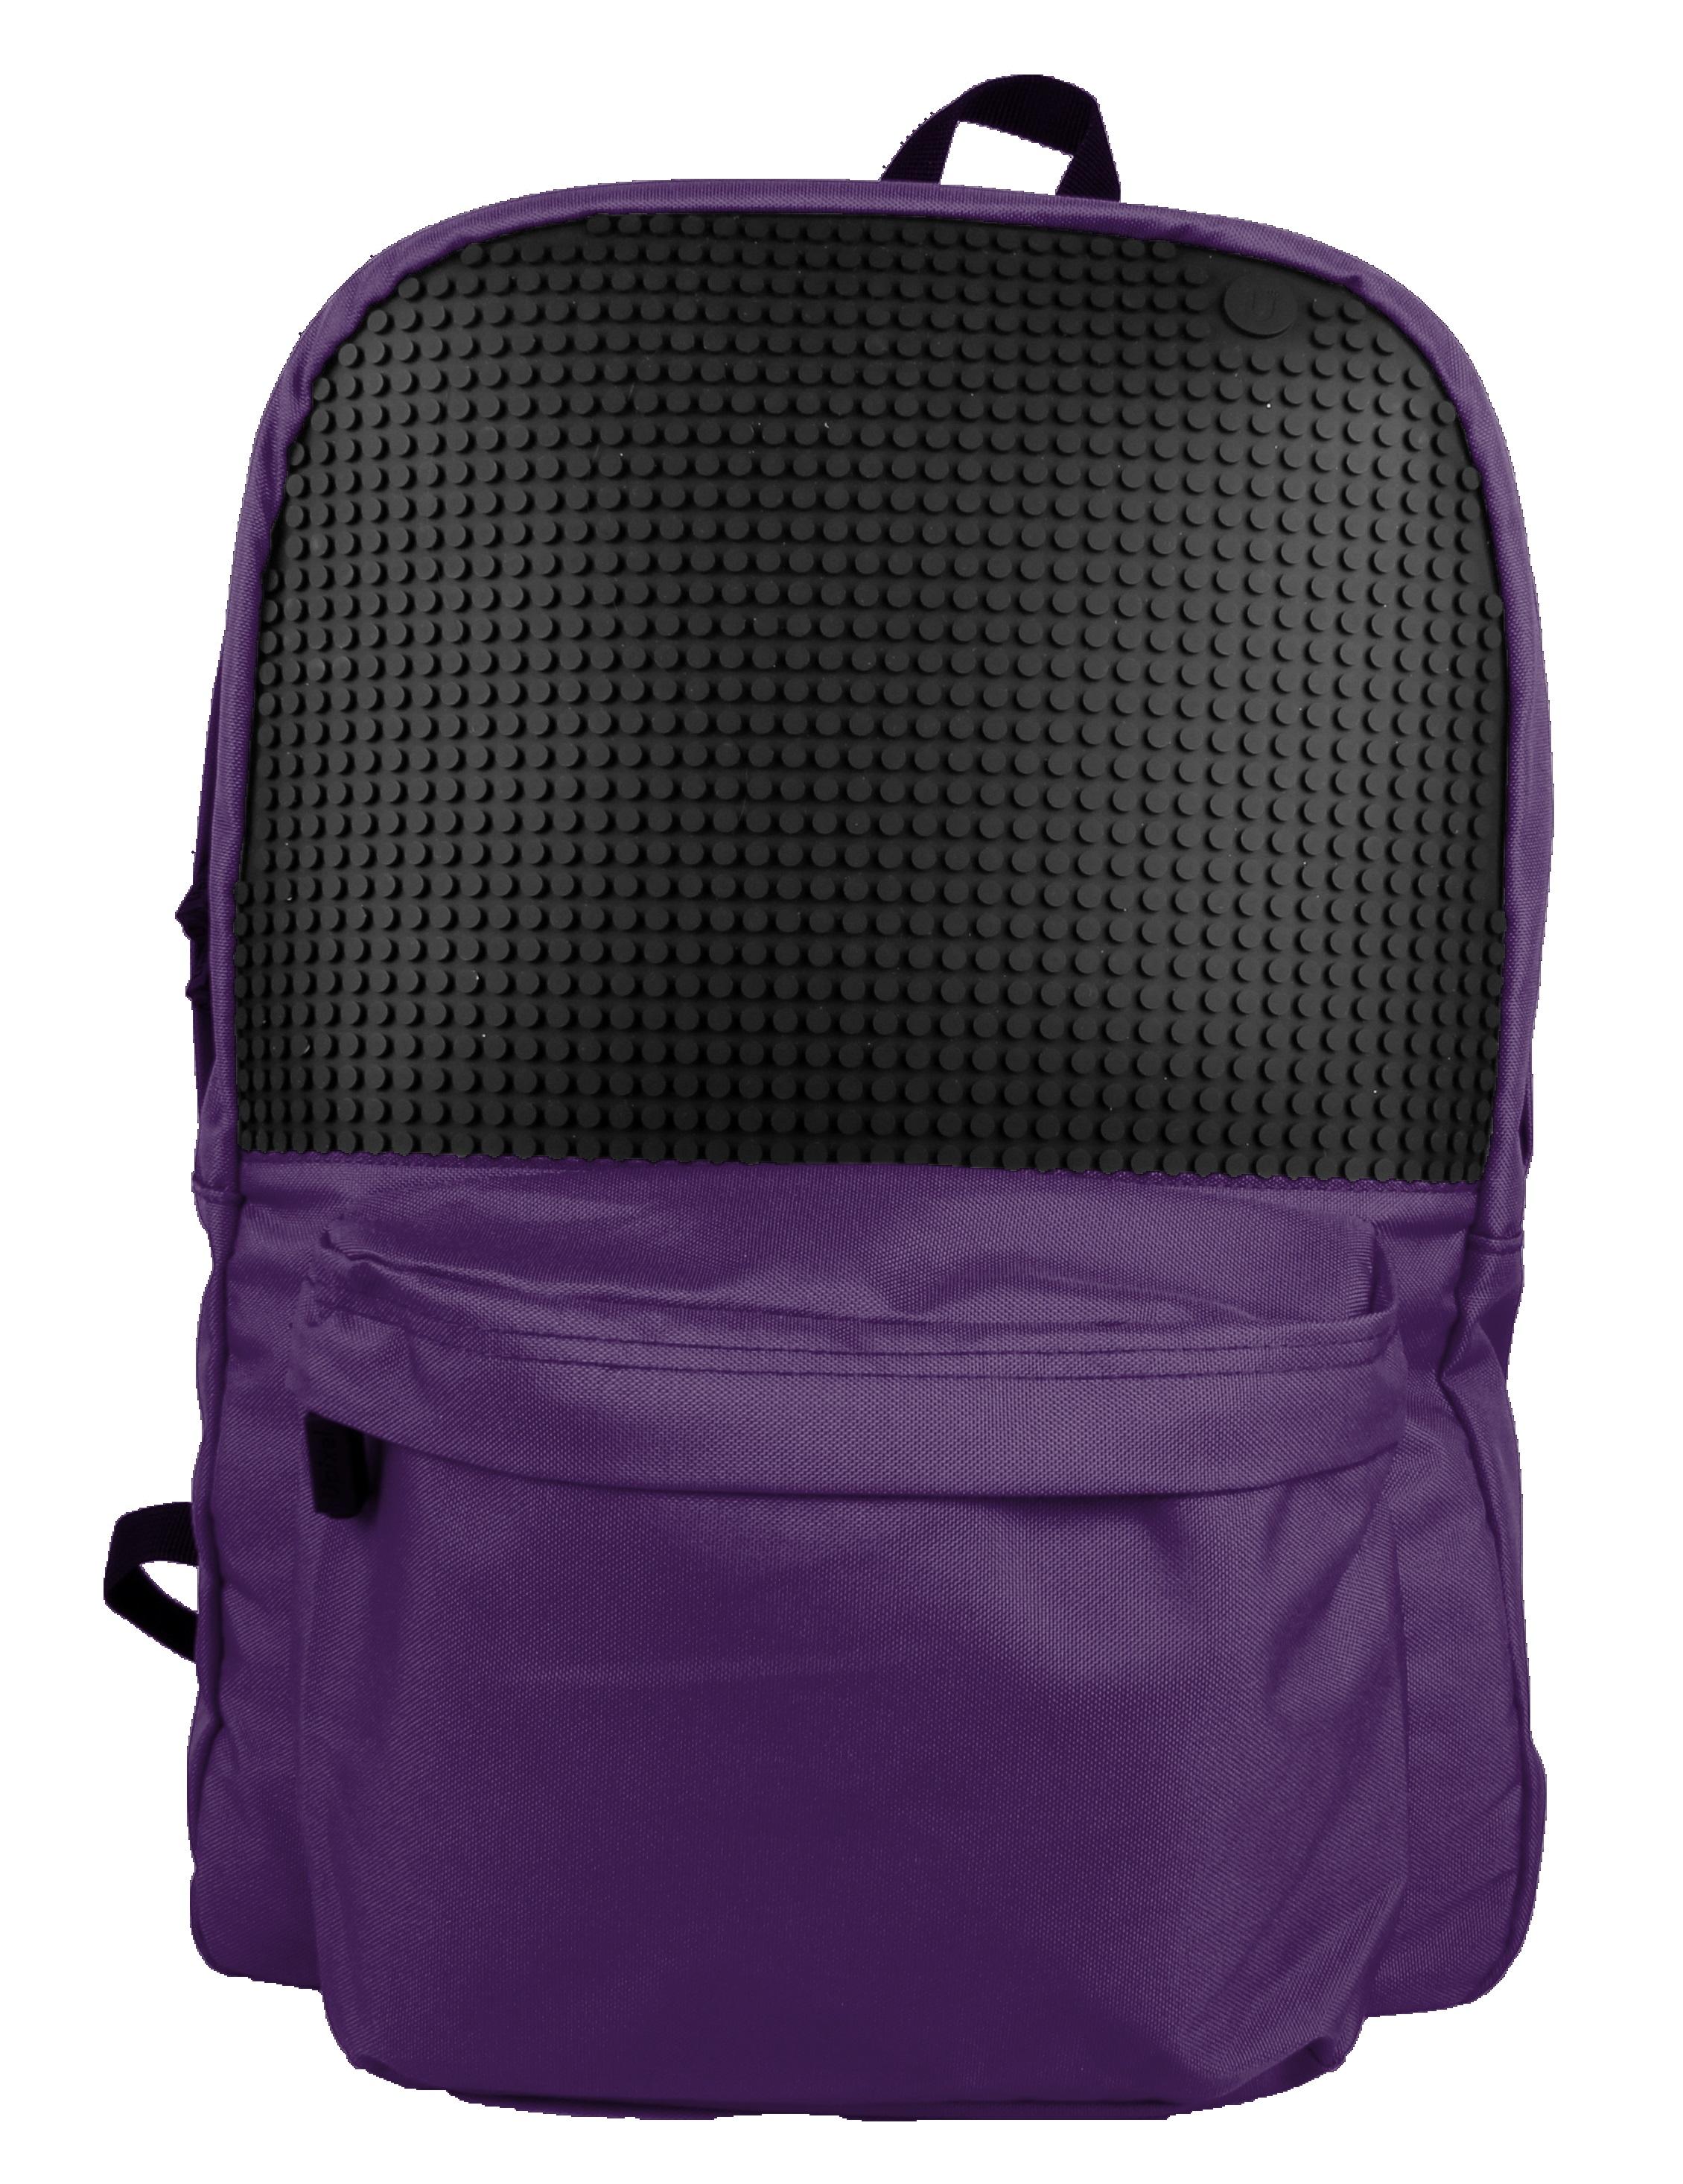 Классический школьный пиксельный рюкзак (Classic school pixel backpack) WY-A013 (Фиолетовый)Представляем вашему вниманию классический школьный пиксельный рюкзак (Classic school pixel backpack) WY-A013, имеющий силиконовую панель, на которой с помощью «пикселей» в виде мозаики выкладывается абсолютно любой рисунок.<br>